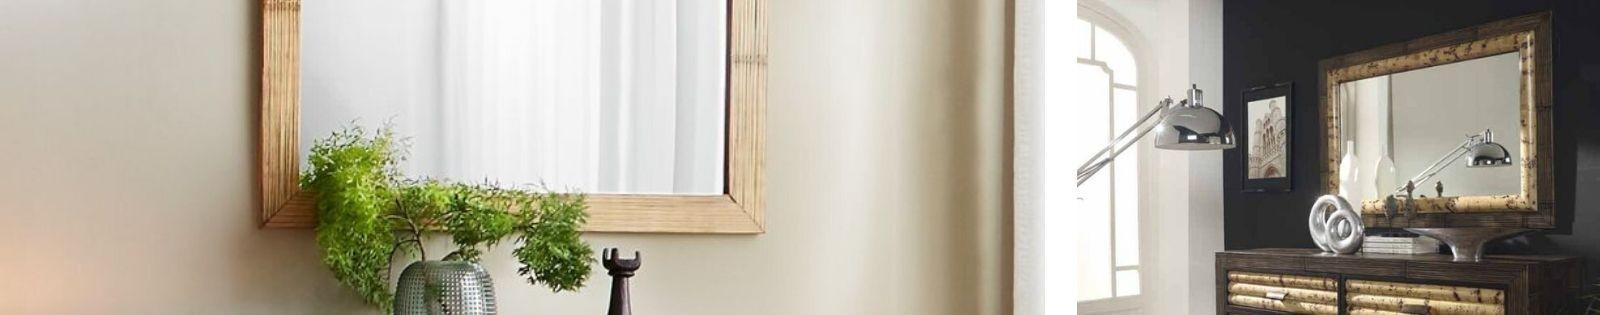 Miroirs en bambou. Décoration Haut de Gamme de fabrication artisanale.